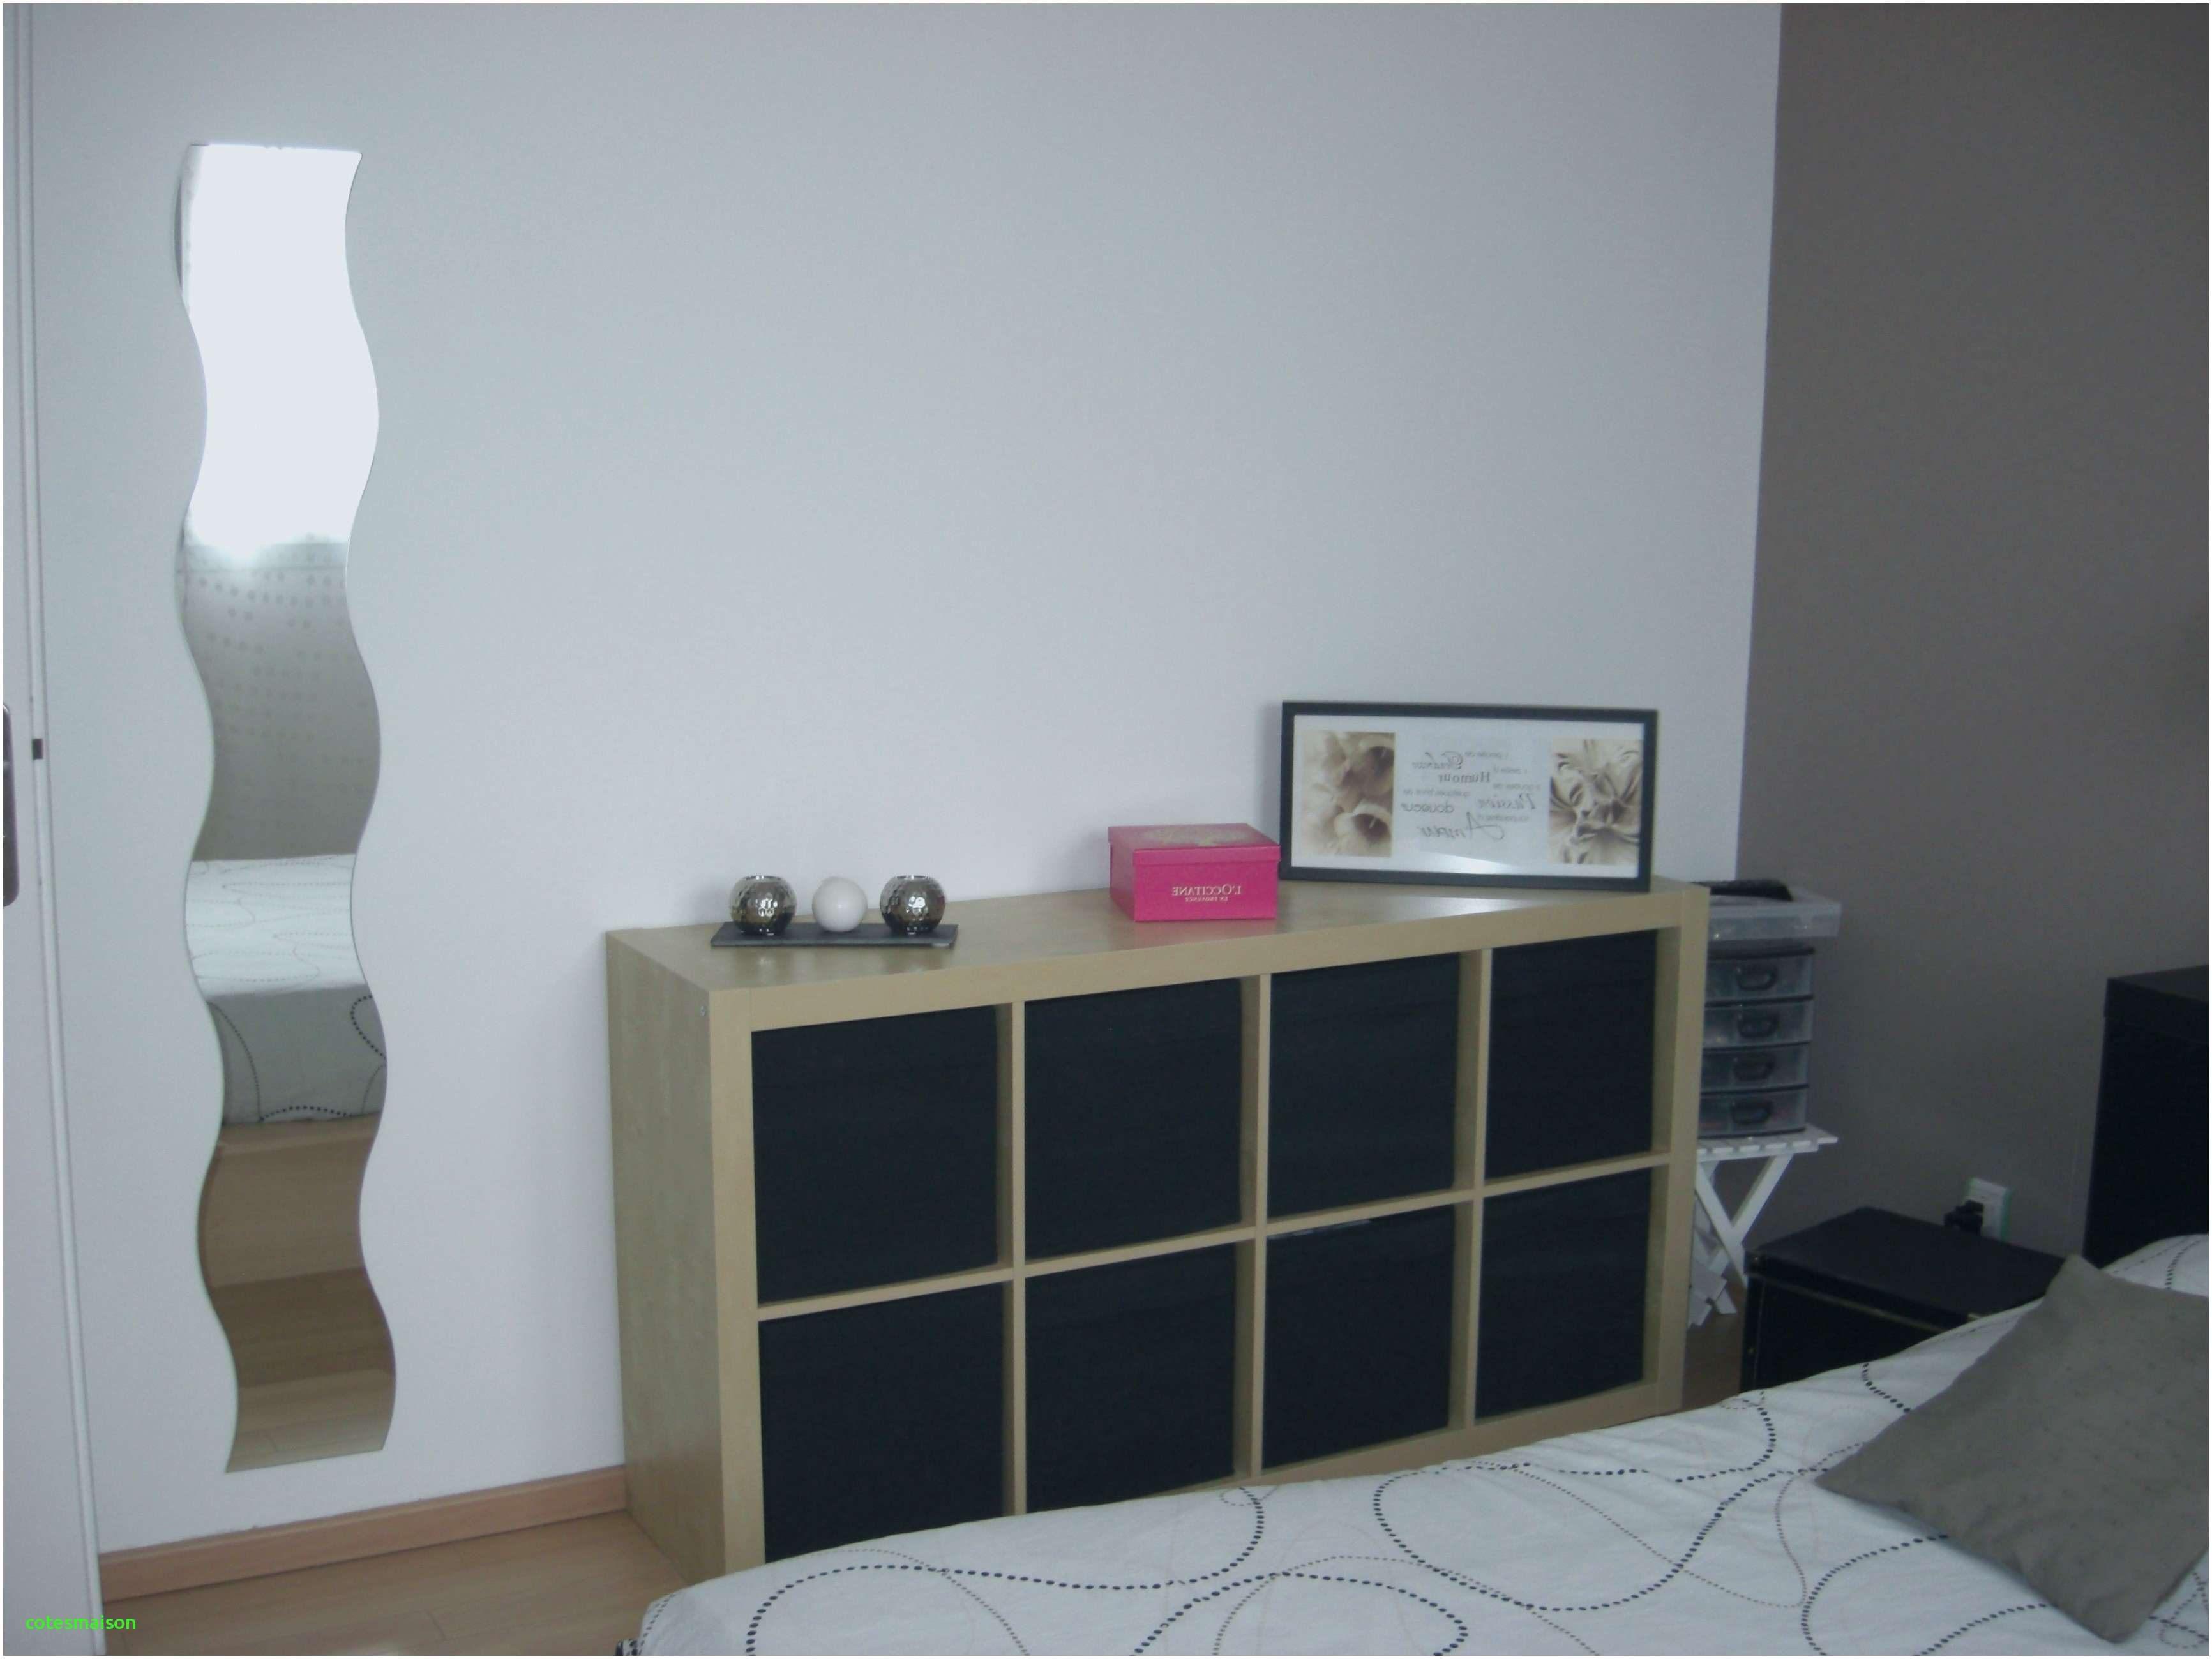 Tete De Lit Interiors Génial Elégant 22 Inspiration Rideau Pour Cabane De Lit Home Design